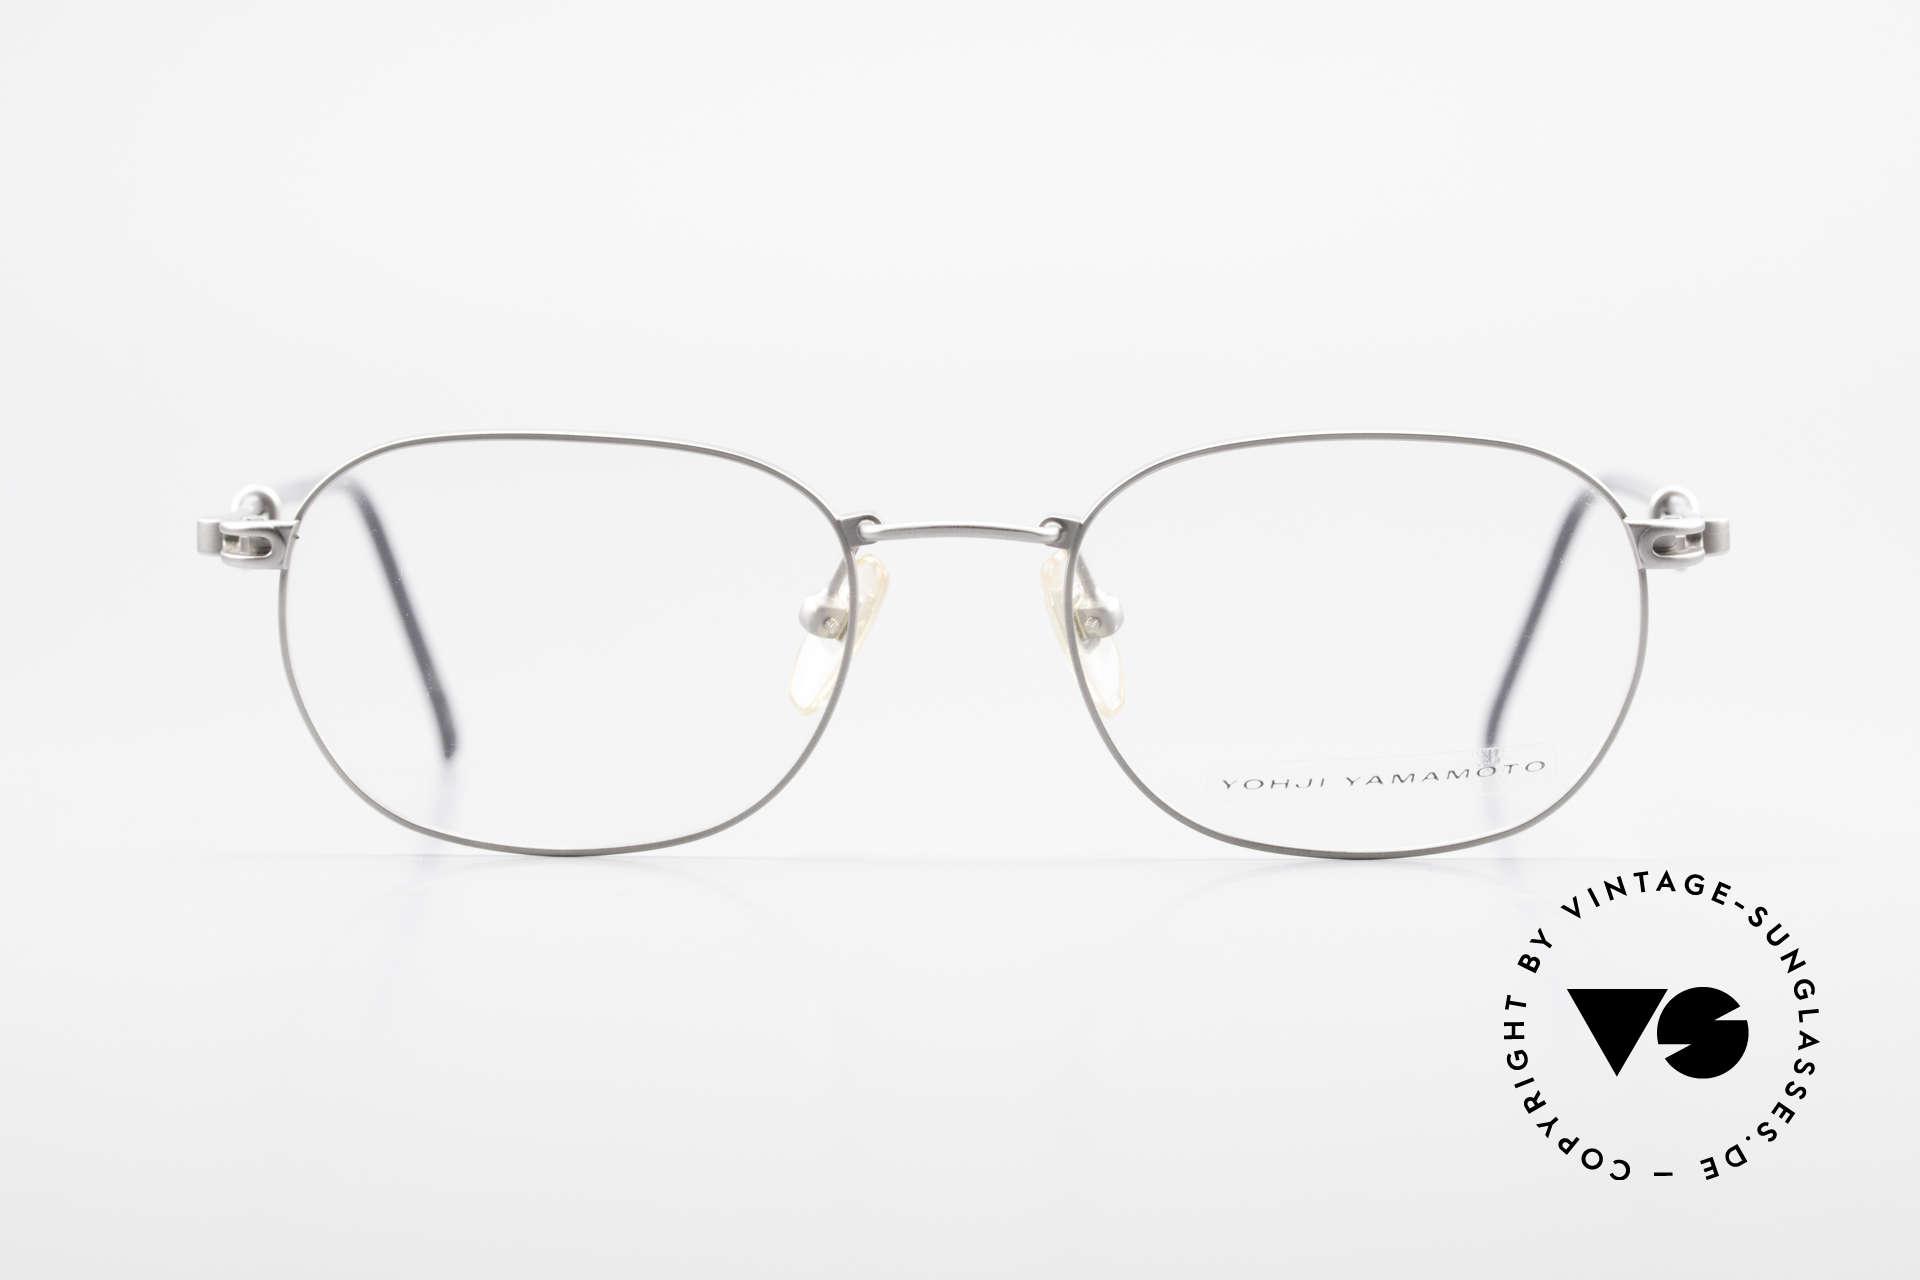 Yohji Yamamoto 51-4113 Titan Designerbrille Vintage, eher ein schlichtes Design aus dem Hause 'Yamamoto', Passend für Herren und Damen